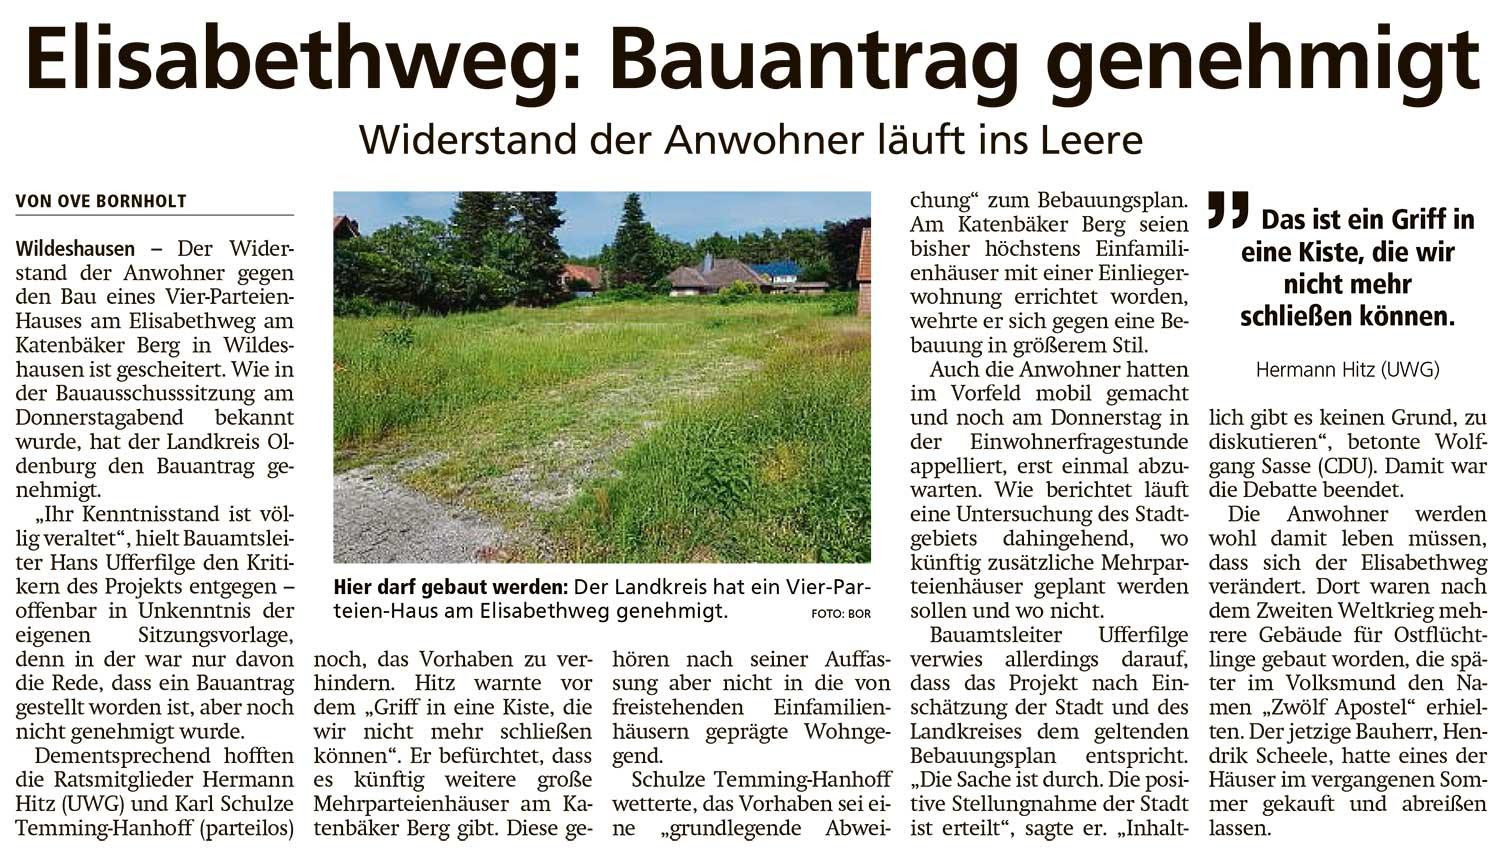 Elisabethweg: Bauantrag genehmigtWiderstand der Anwohner läuft ins LeereArtikel vom 26.06.2021 (WZ)